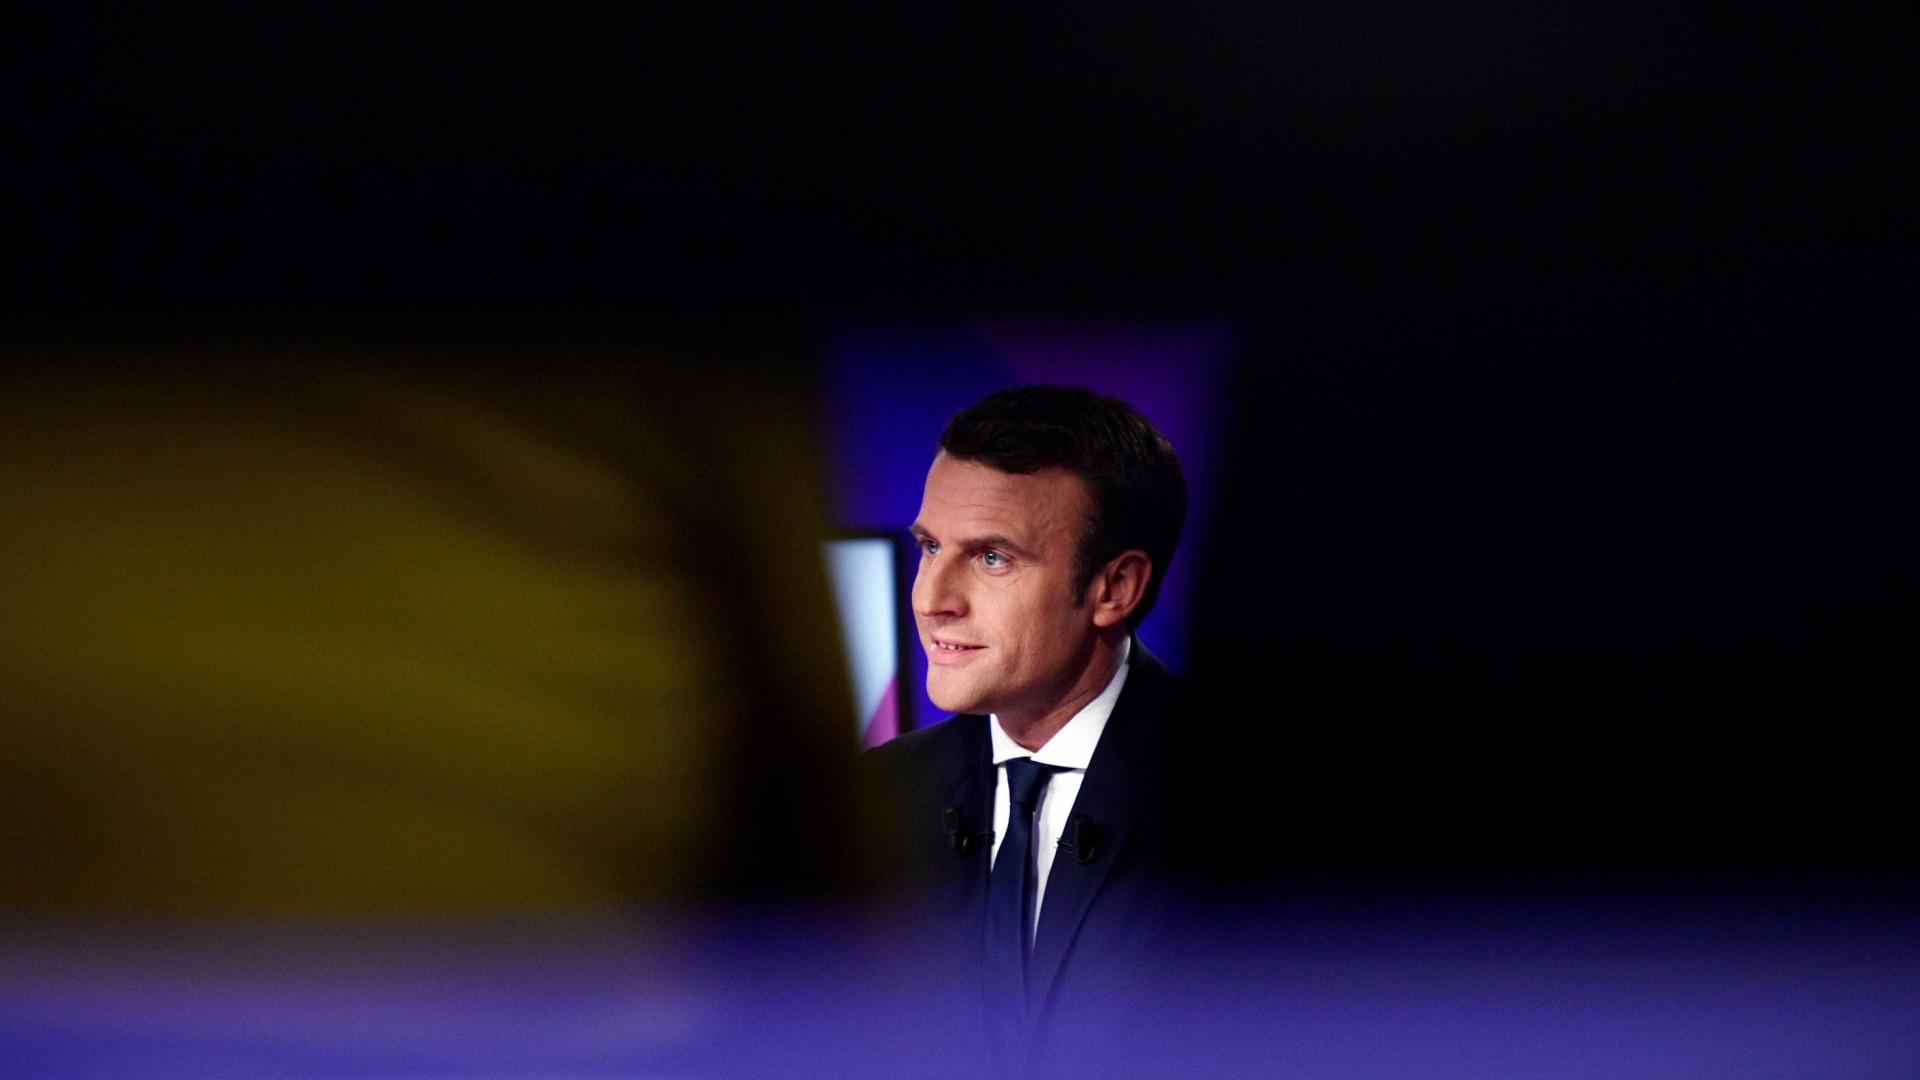 Candidato centrista apela à calma dos eleitores após ataque em Paris